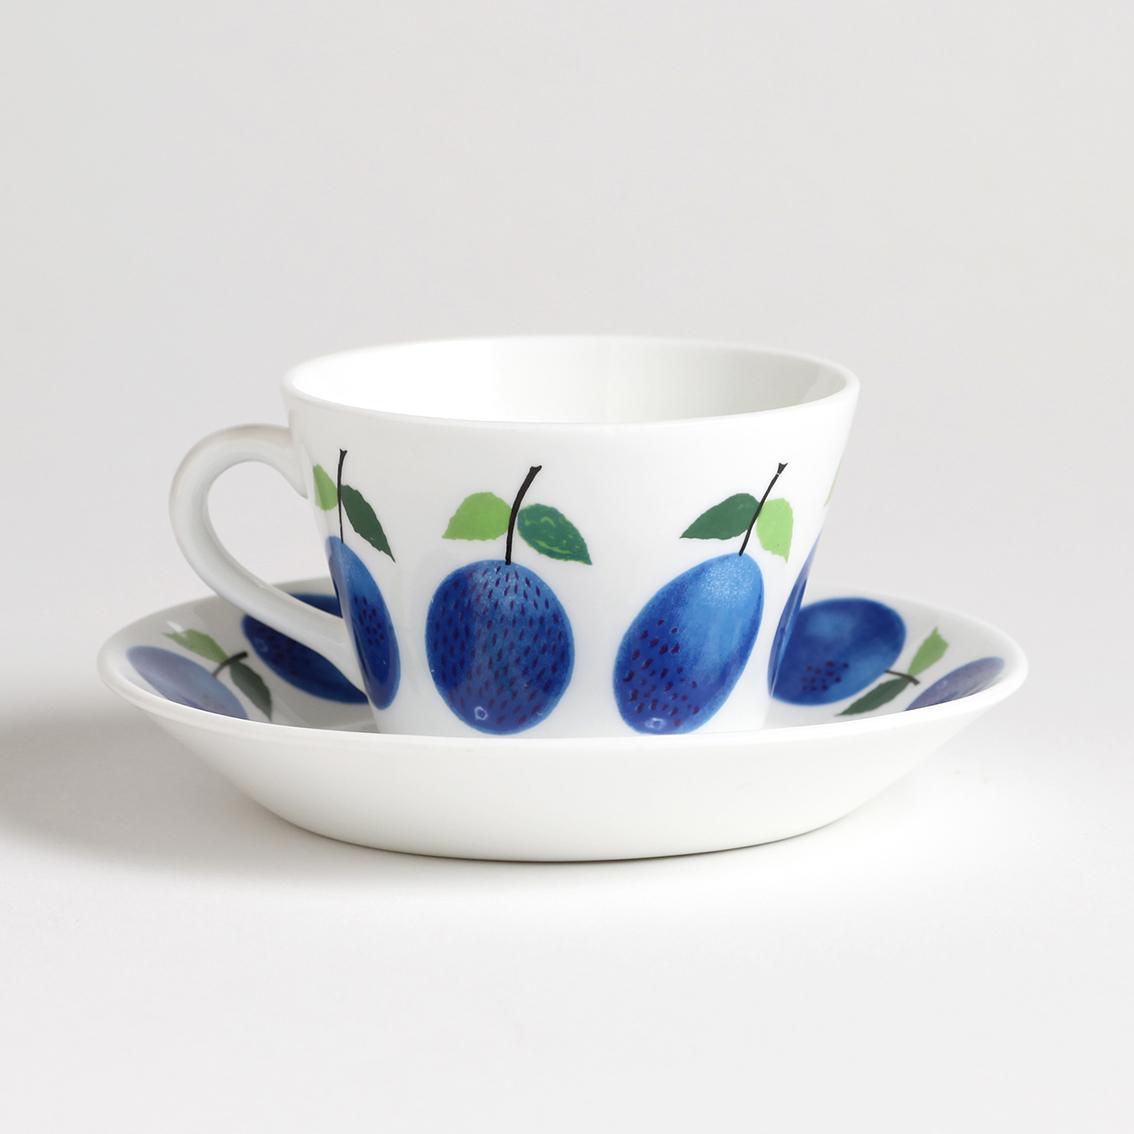 Gustavsberg グスタフスベリ Prunus プルーヌス コーヒーカップ&ソーサー -2 北欧ヴィンテージ